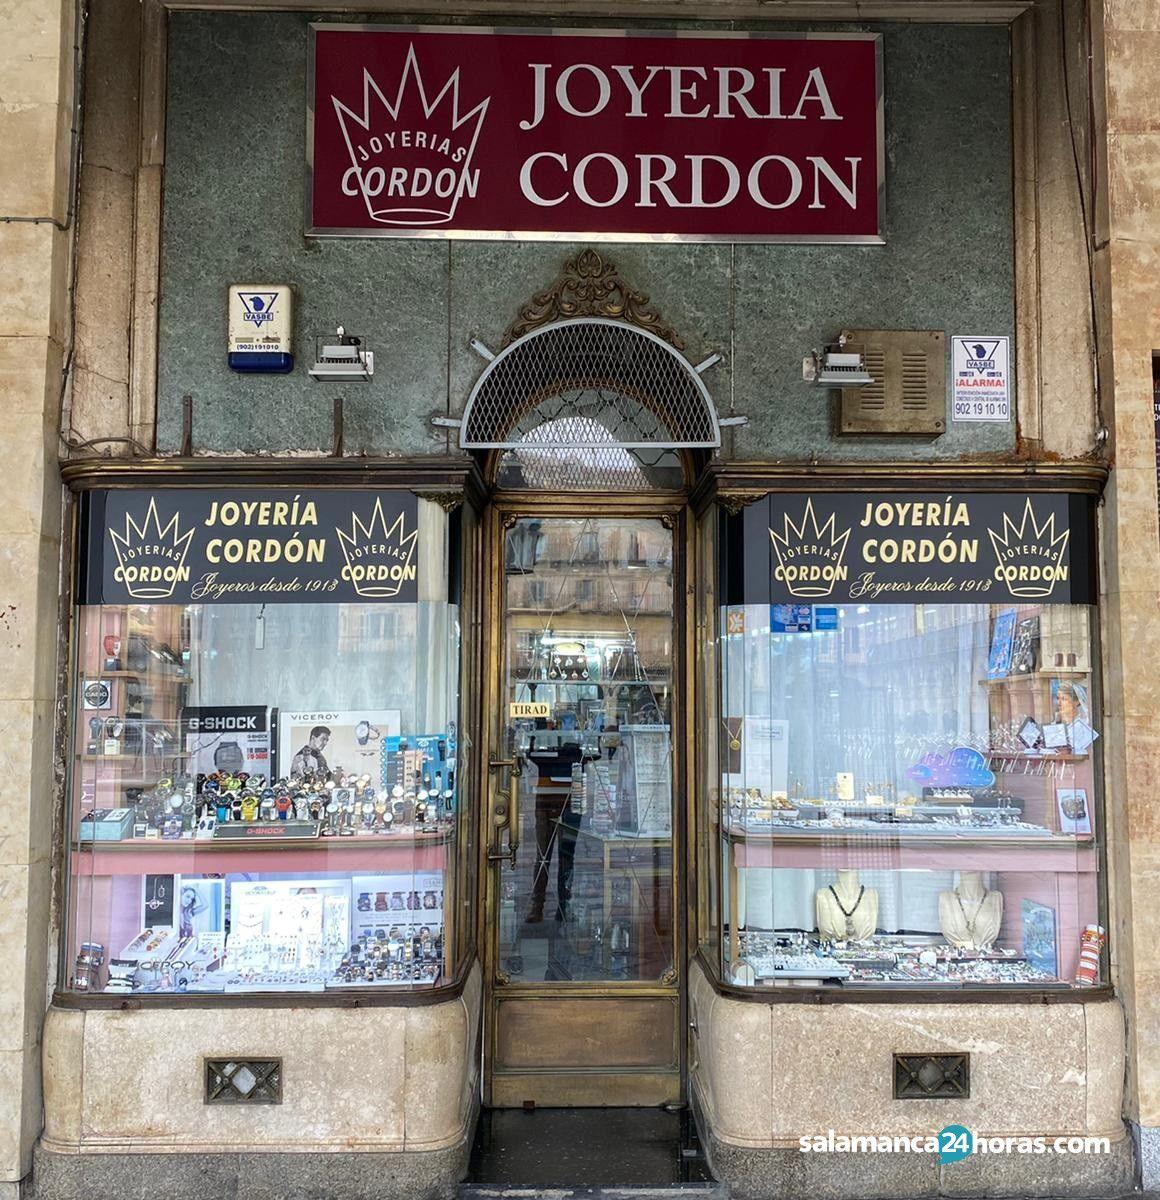 Supercopa Joyería Cordón (1)